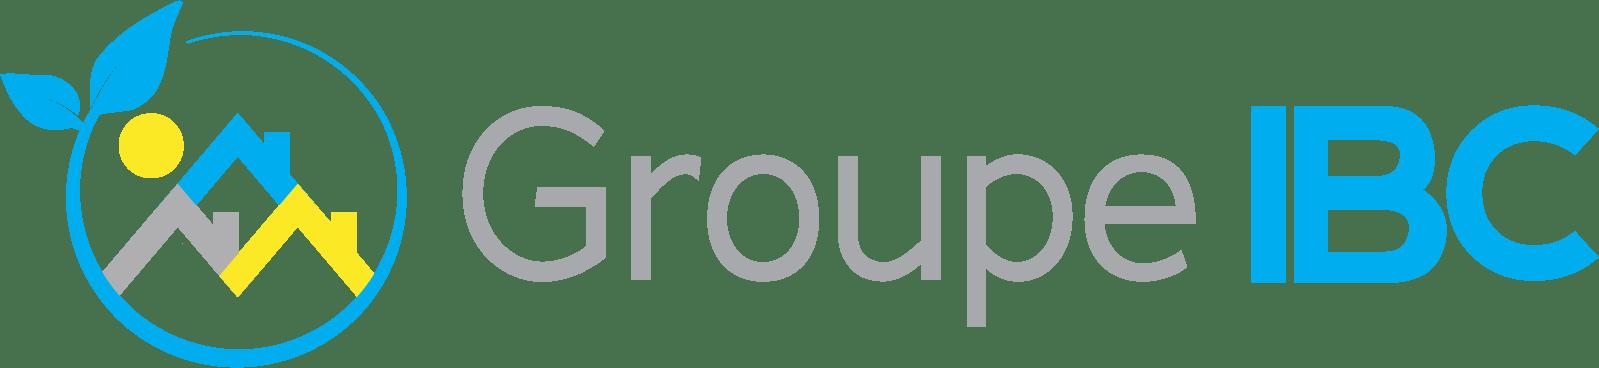 Logo du Groupe IBC